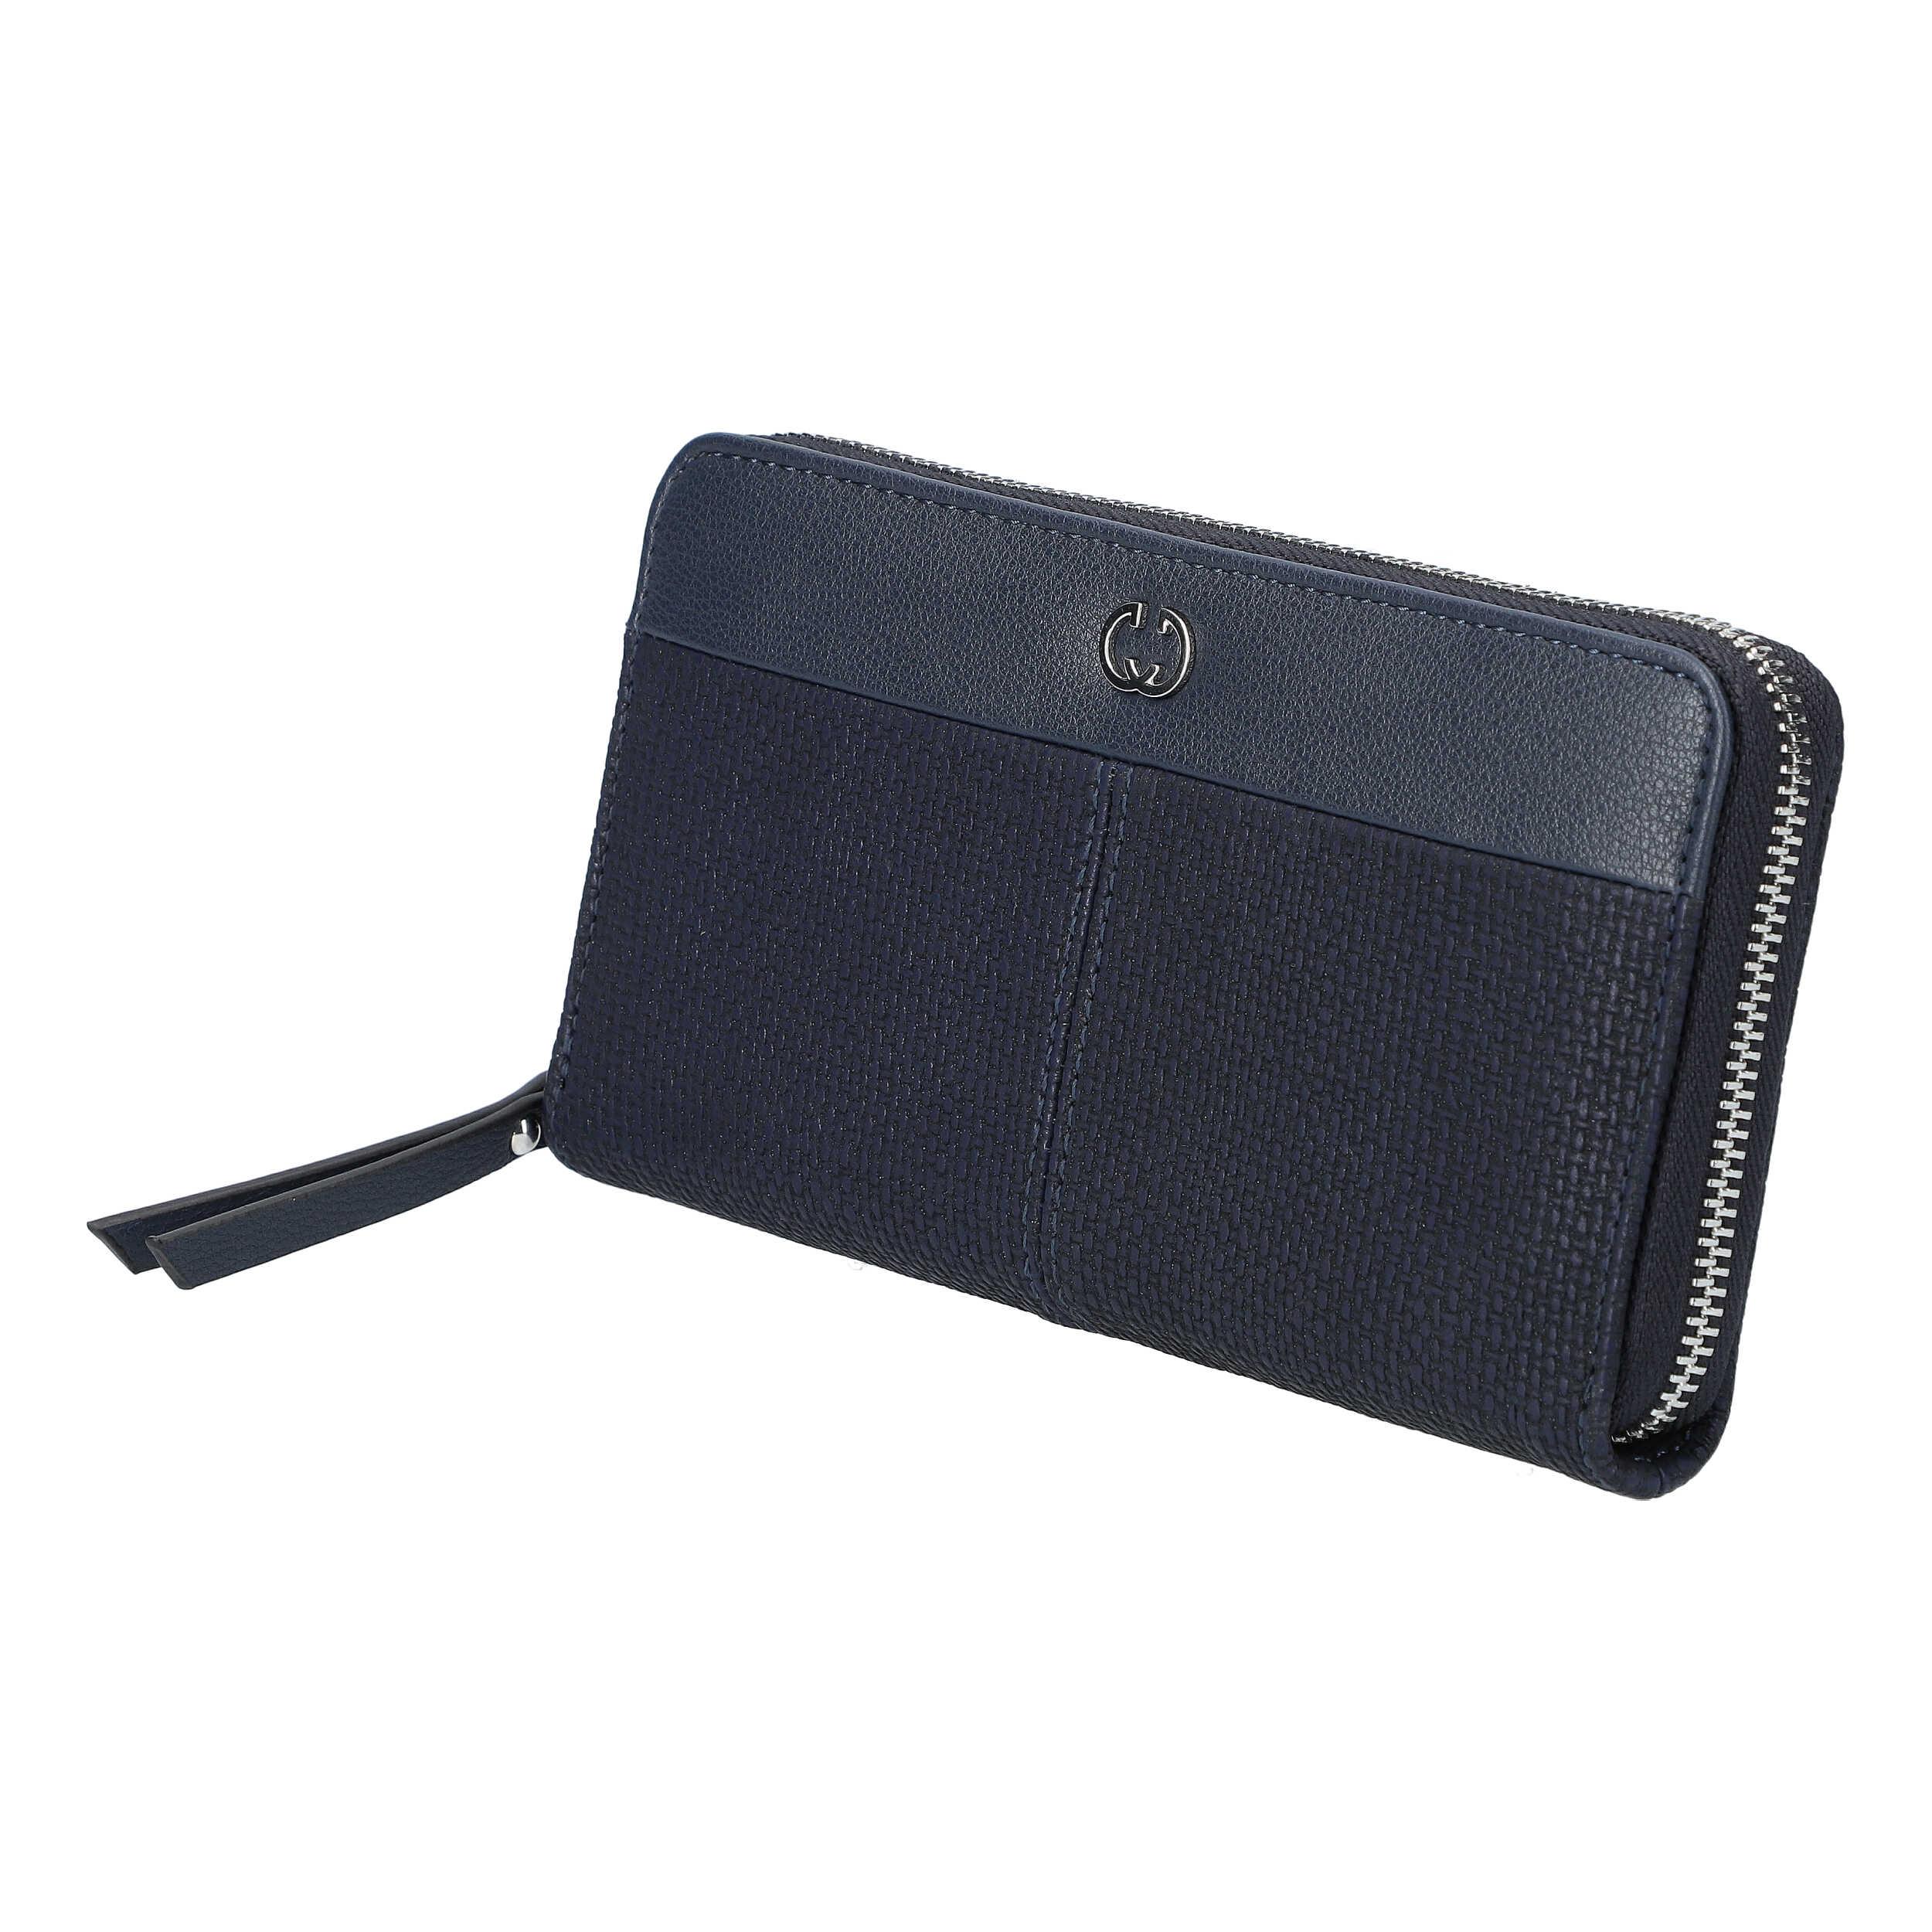 Keep in mind purse lh13z